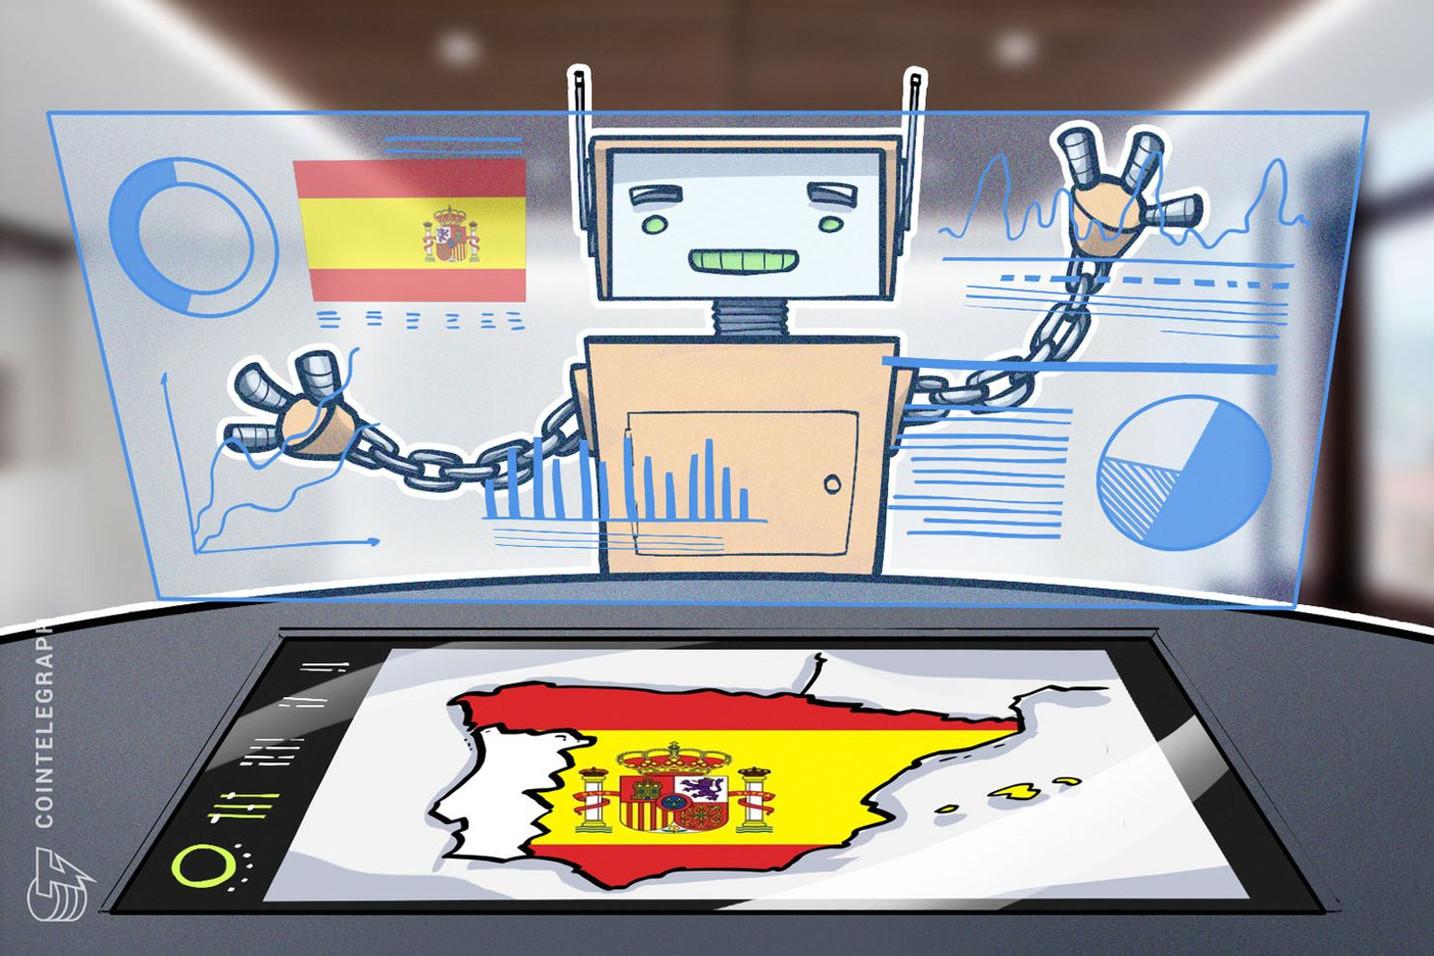 Exchange chileno CryptoMarket abre una oficina en España